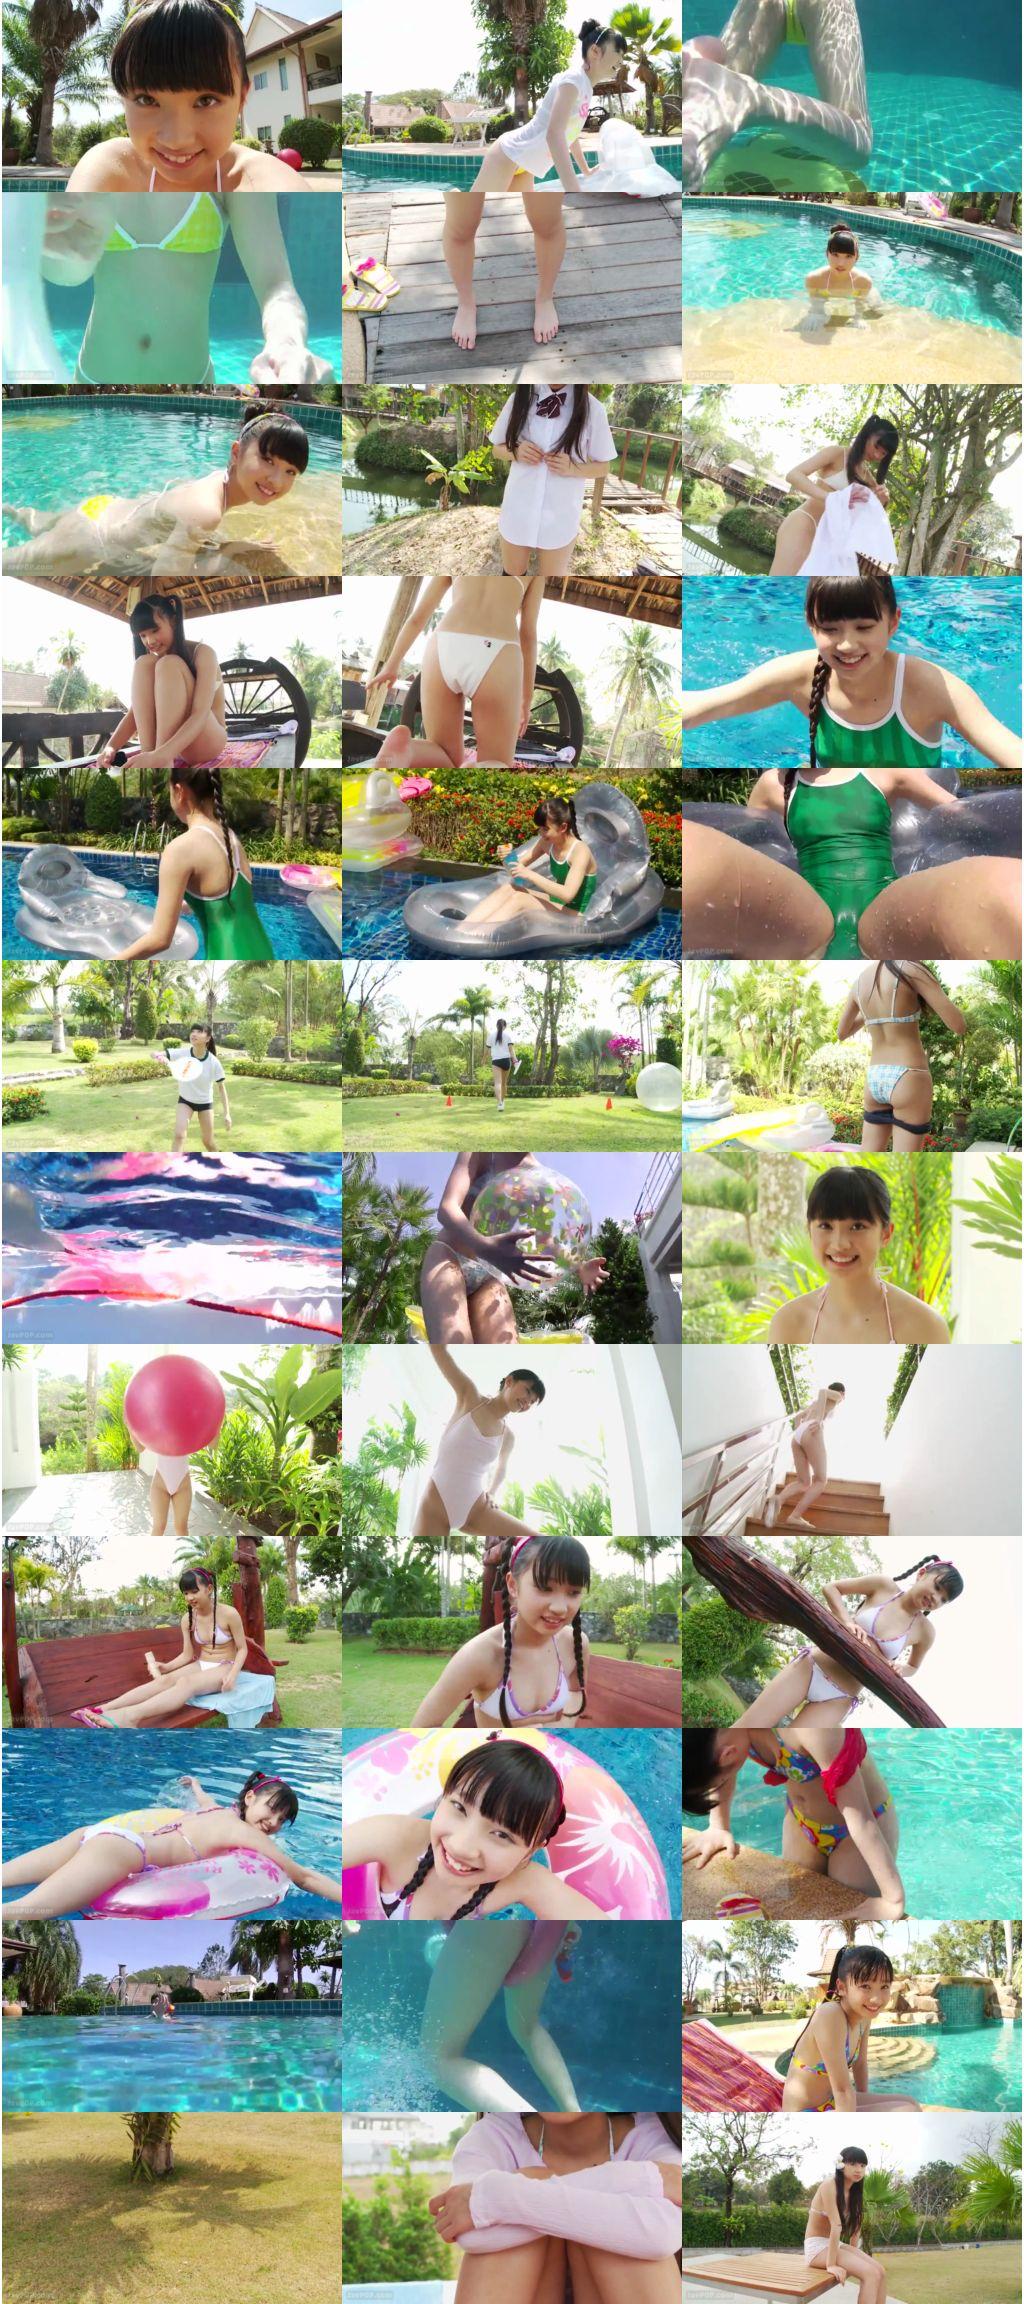 imbd 246 0 s - [IMBD-246] Rei Kuromiya 黒宮れい 常夏パラダイス